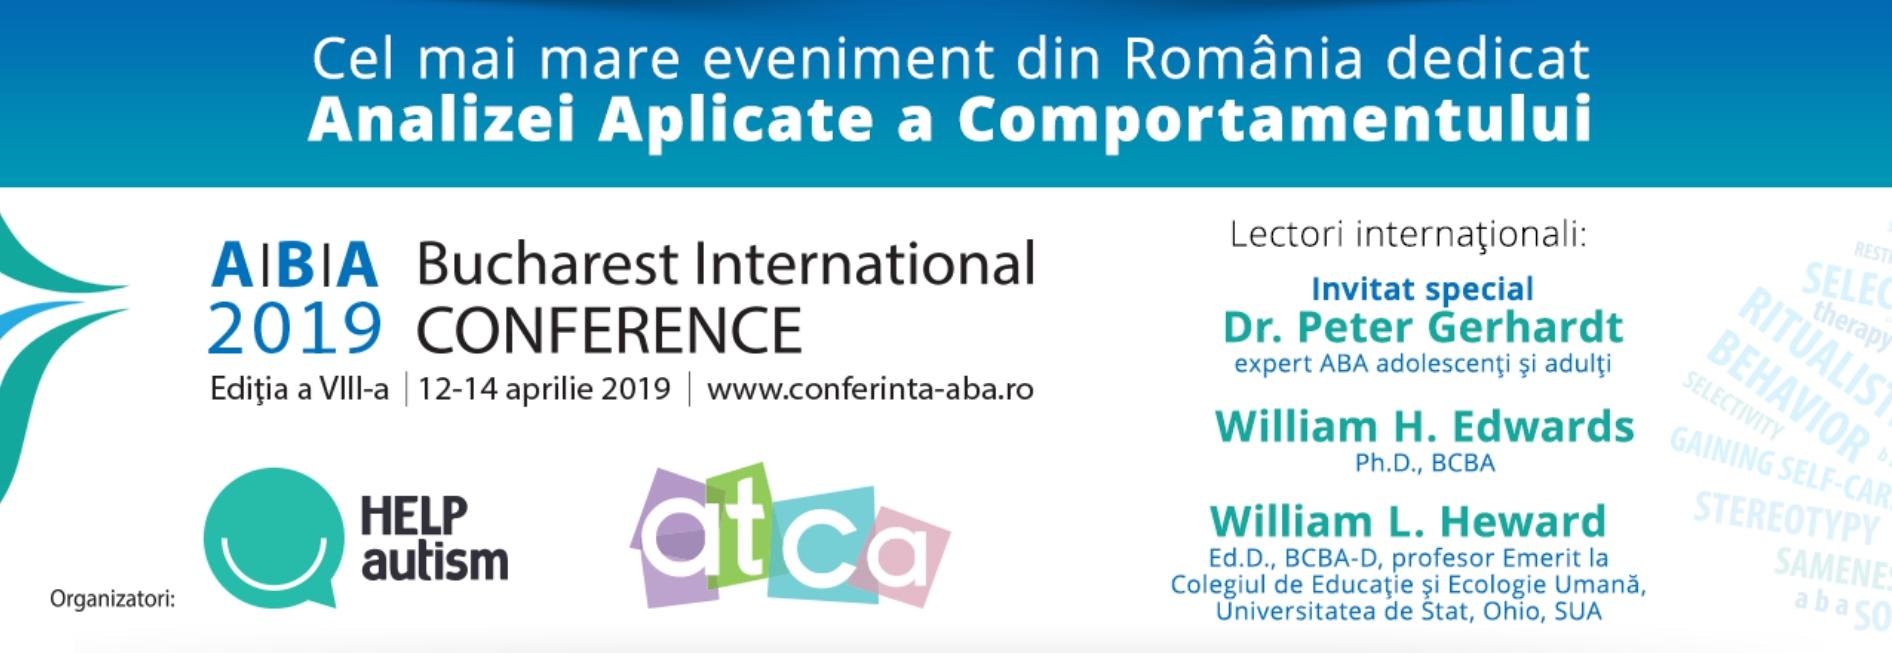 Înscrieri deschise pentru cea de a VIII-a ediție a Conferinței Internaționale ABA – 12-14 aprilie, la București